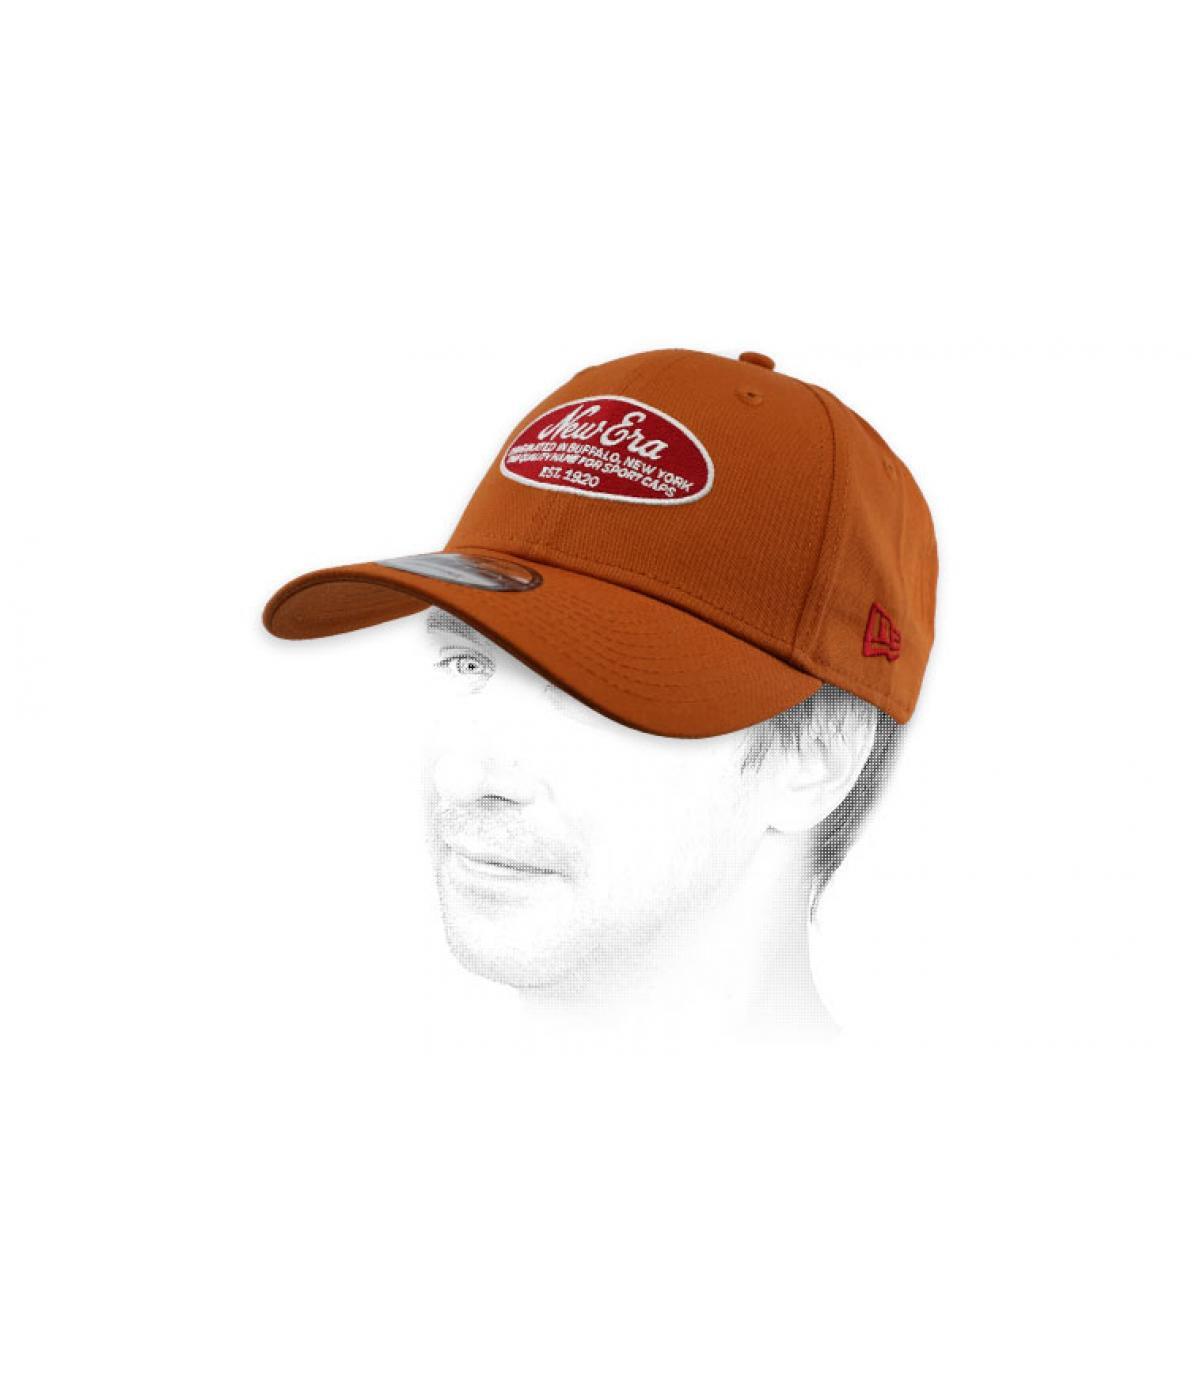 gorra New Era marrón parche